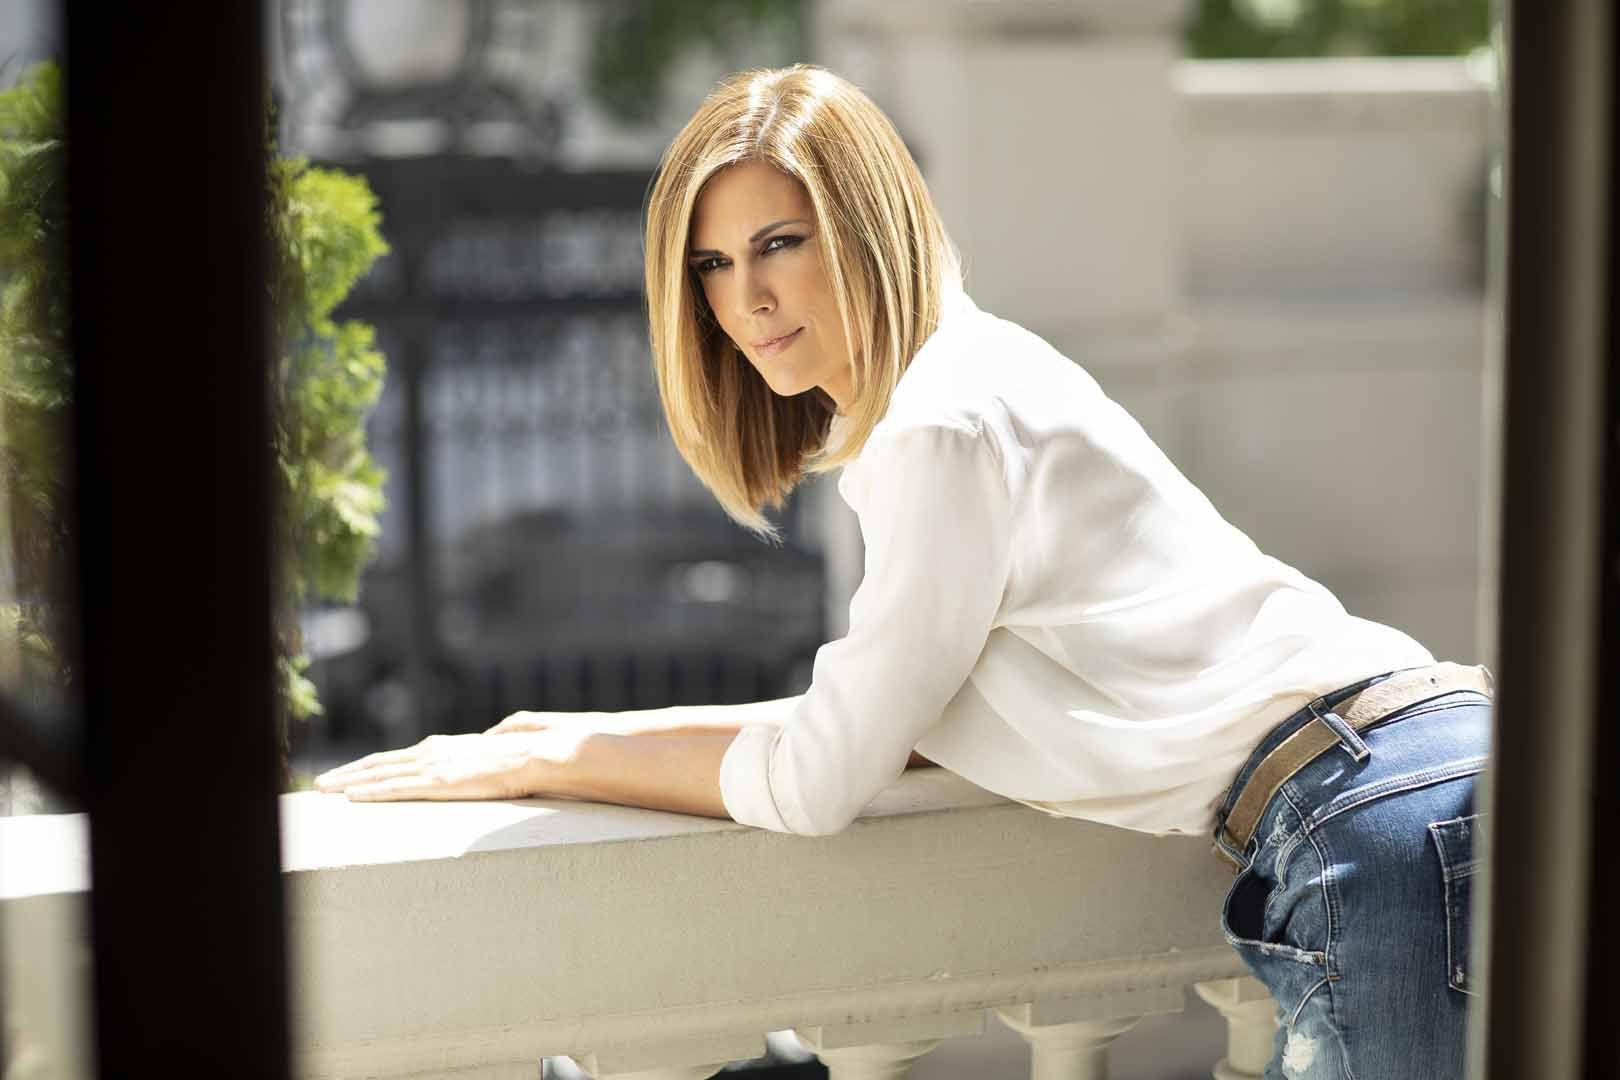 Viviana Canosa con look renovado: el pelo más corto y rubio